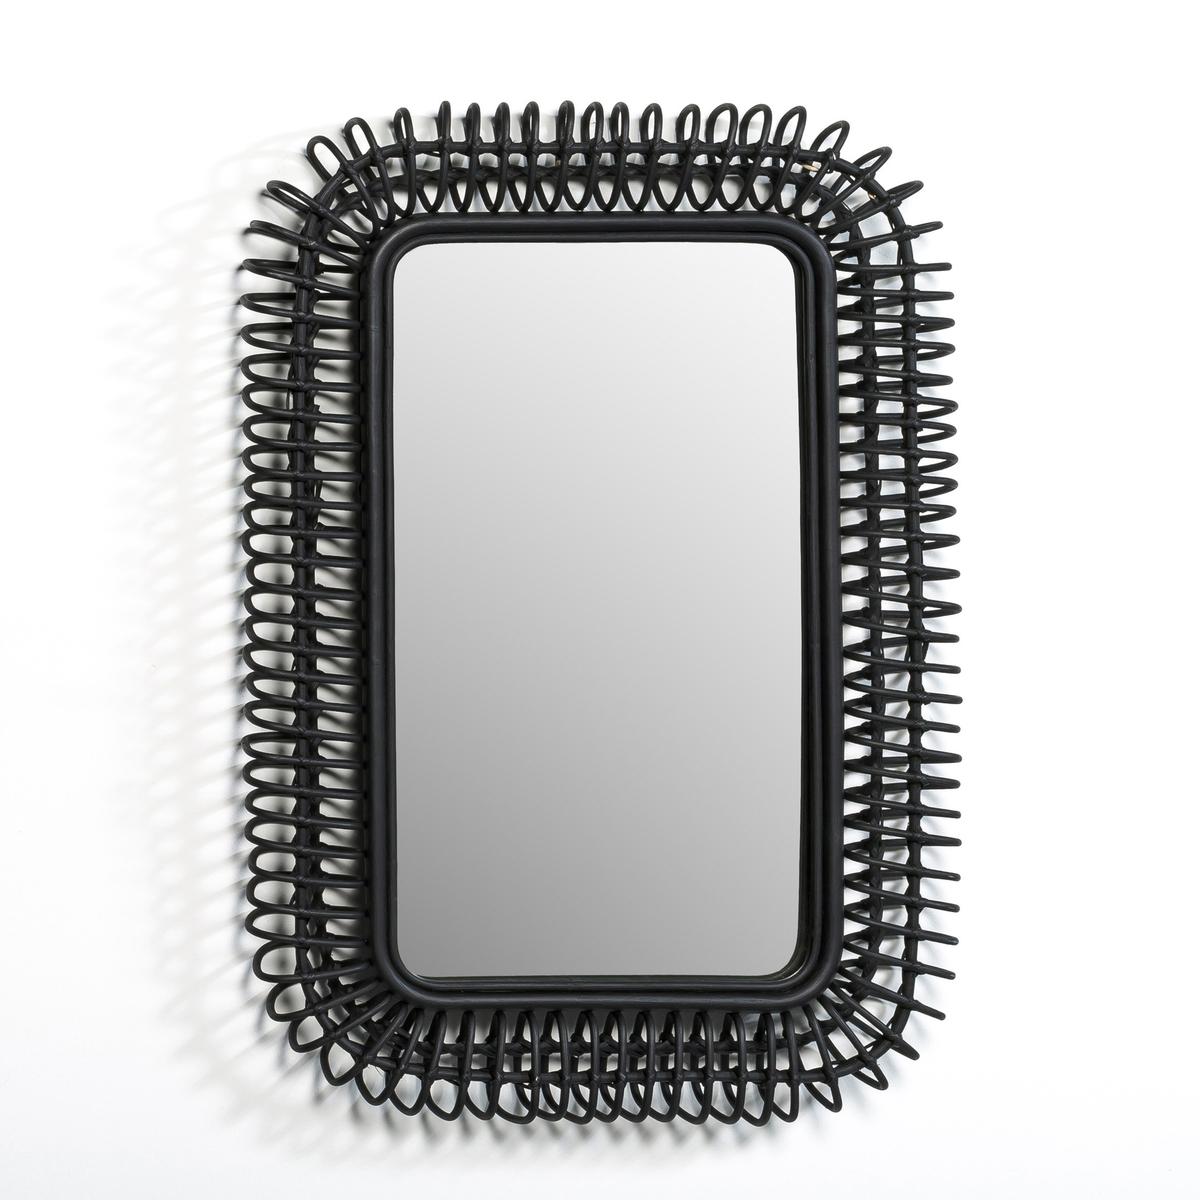 Зеркало из ротанга Д90 x В60 см, TarsileЗеркало Tarsile. Добавит естественных штрихов в ваш интерьер… Используется отдельно или с зеркалами других размеров Tarsile, представленными на сайте.  Характеристики: : - Из ротанга натурального или черного цвета, задняя часть из МДФ. - Крепится на стене с помощью 2 пластин. - Вешается горизонтально или вертикально. Размеры : - Ш 90 x В 60 x Г 7 см.    Размеры и вес упаковки : - Ш 61,5 x В 93 x Г 11 см, 5,8 кг<br><br>Цвет: черный